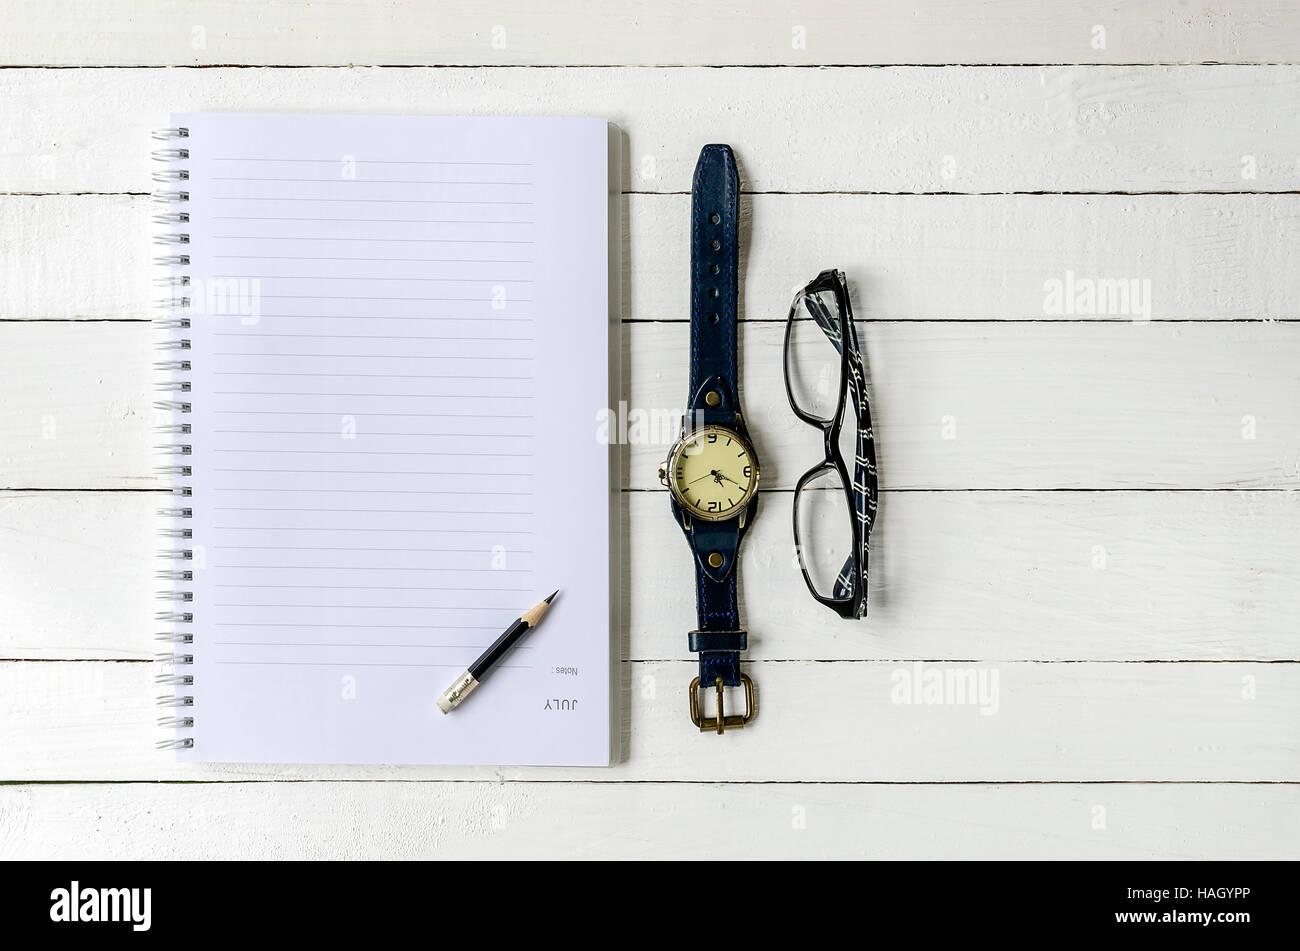 Leere Notiz Buch, Stift, Uhr und Augen Glas auf hölzernen ...